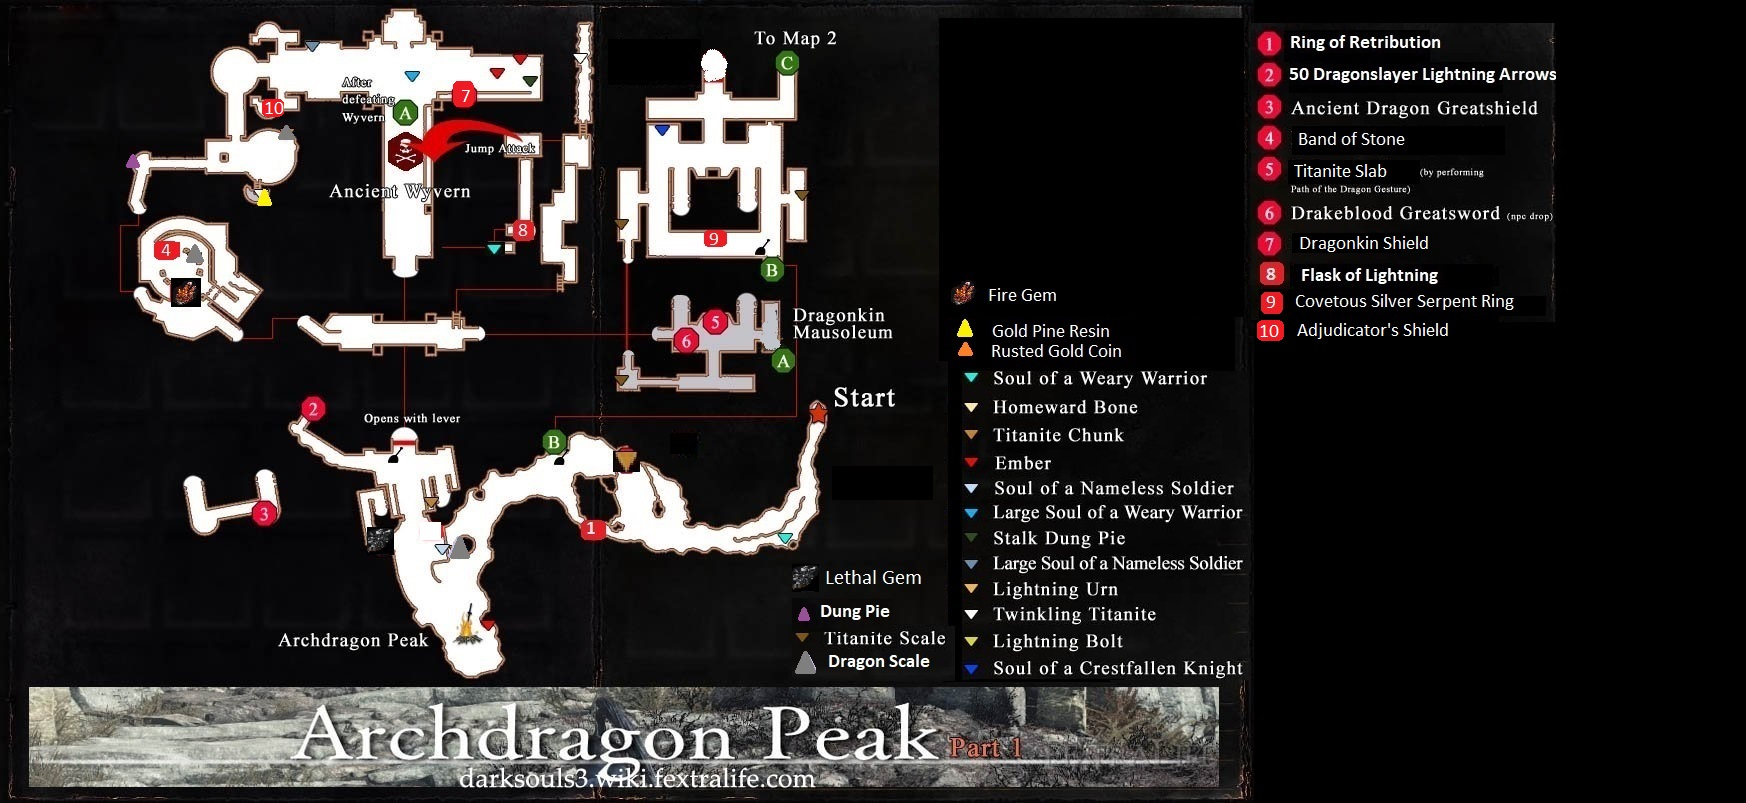 archdragon_peak_map1.jpg